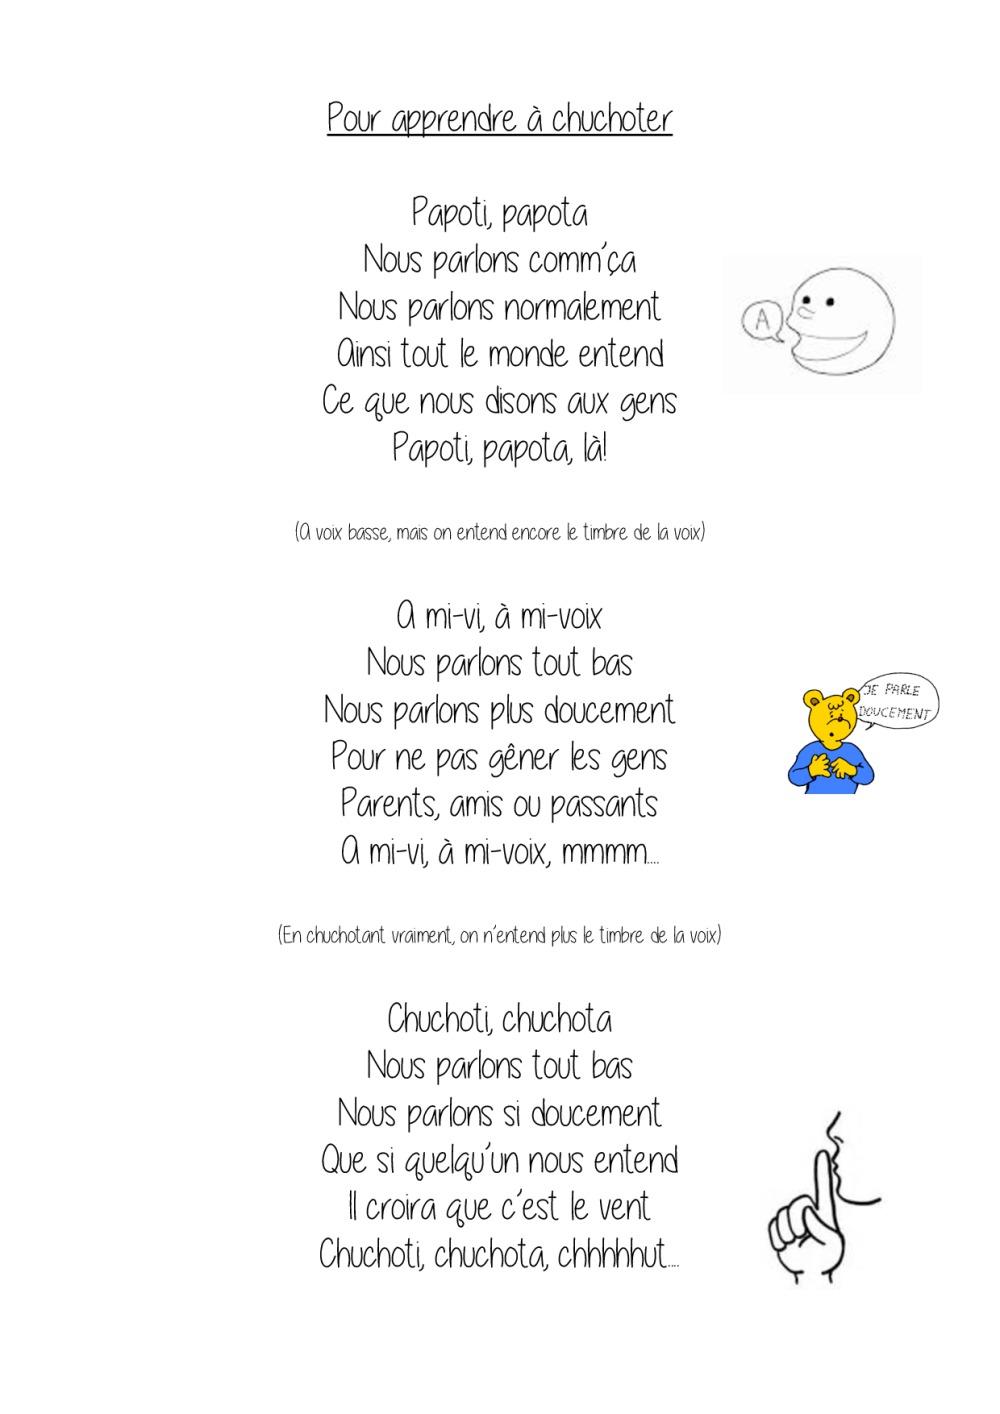 Favorit poésie pour apprendre à chuchoter | BDRP PP61